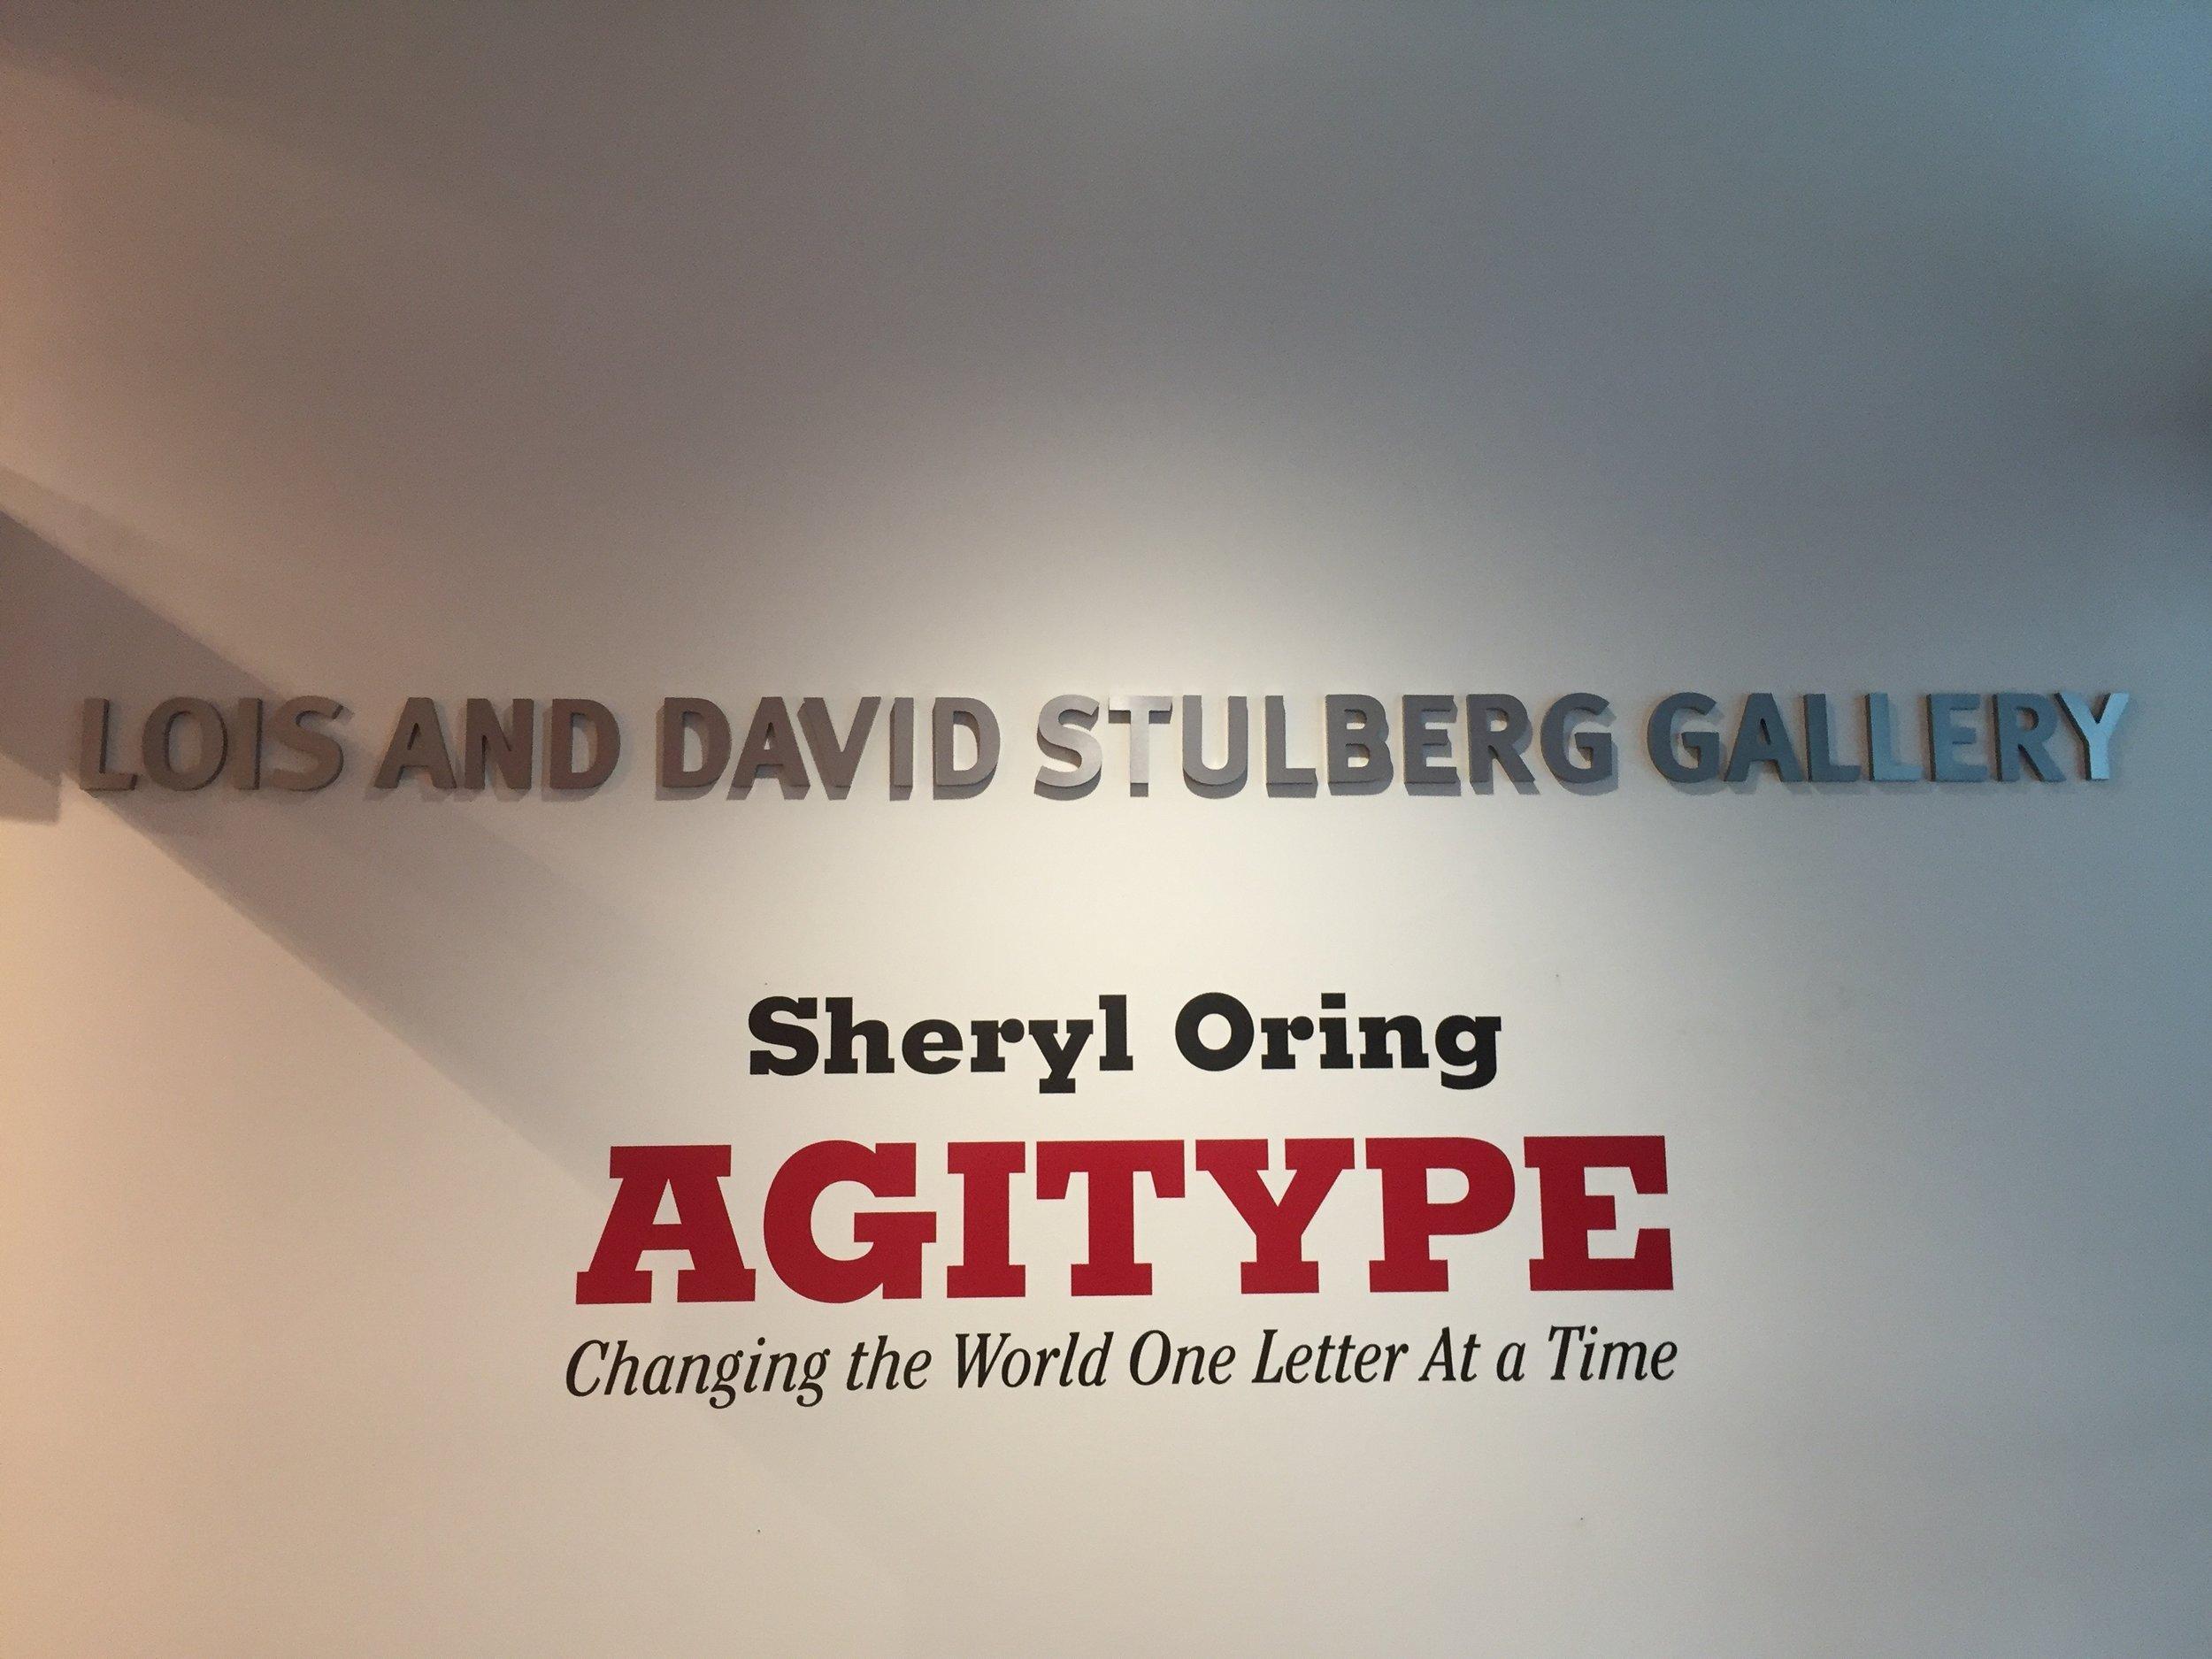 Agitype exhibition